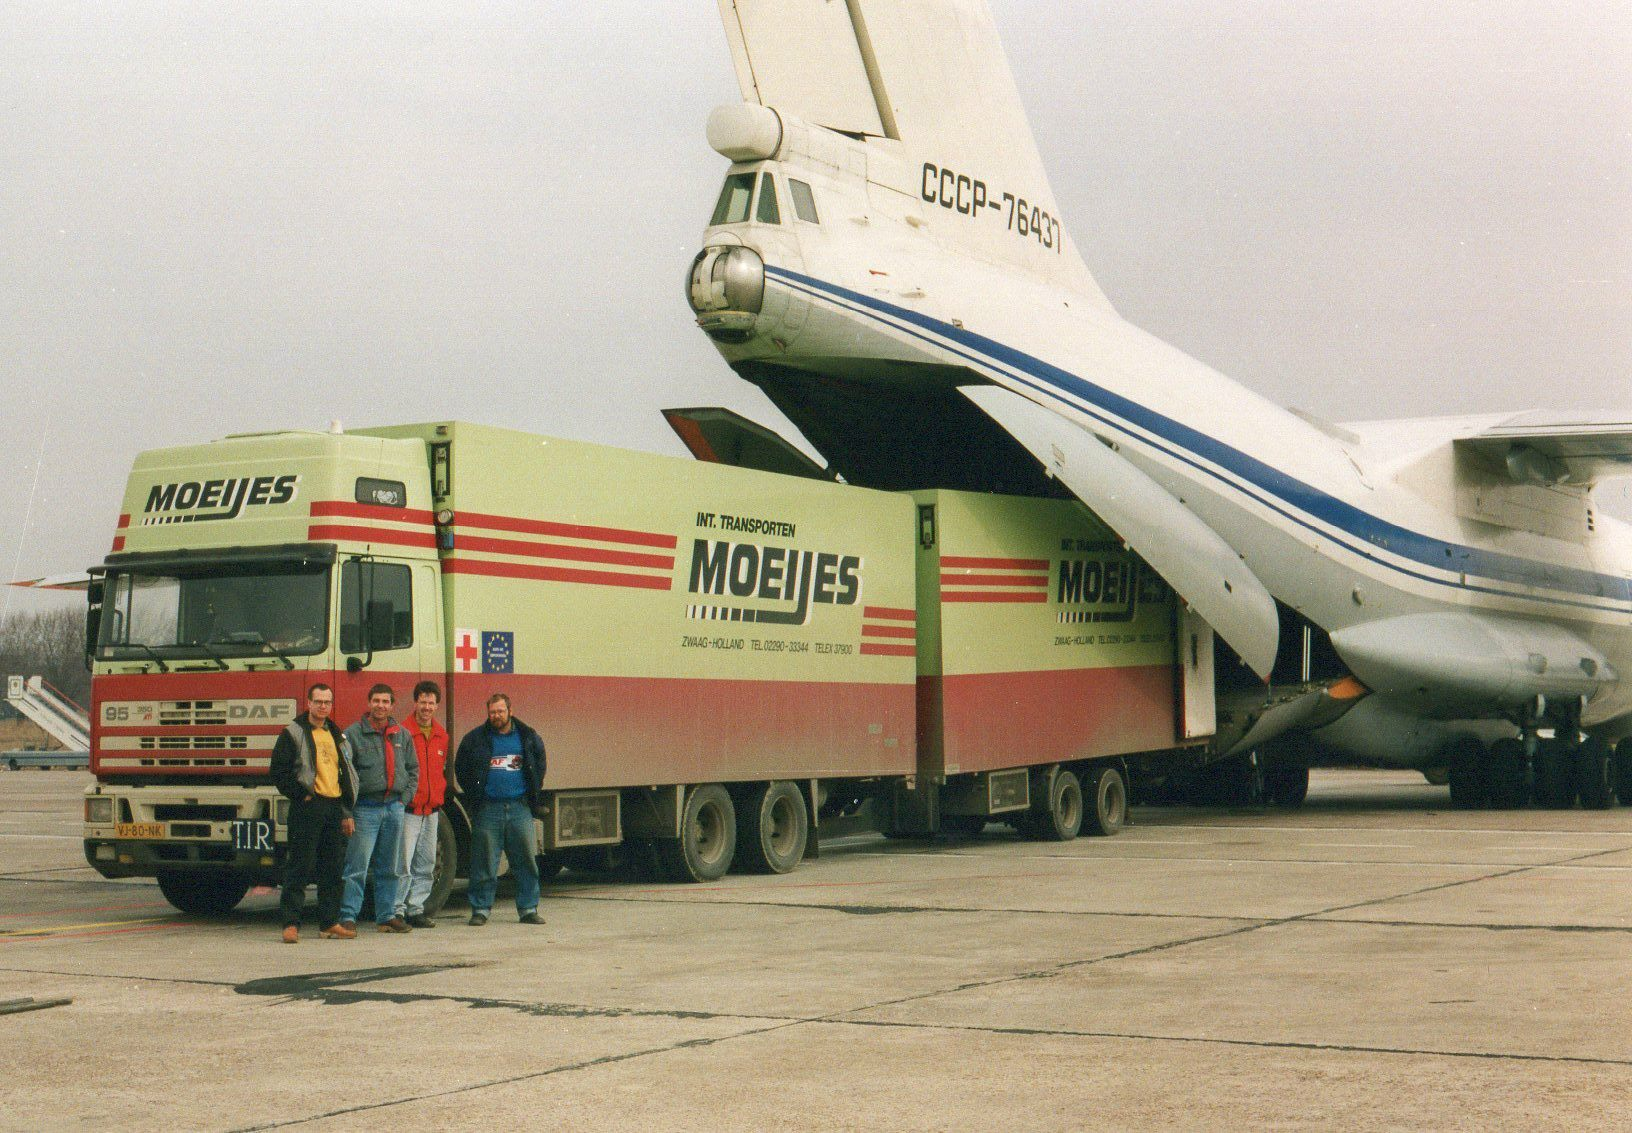 1993-Transporten-medicijnen-voor-het-Rode-Kruis-met-bestemming-Armenie.-Rijden-naar-Armenie-was-toen-te-gevaarlijk-in-Kiev-werd-het-overgeladen-2